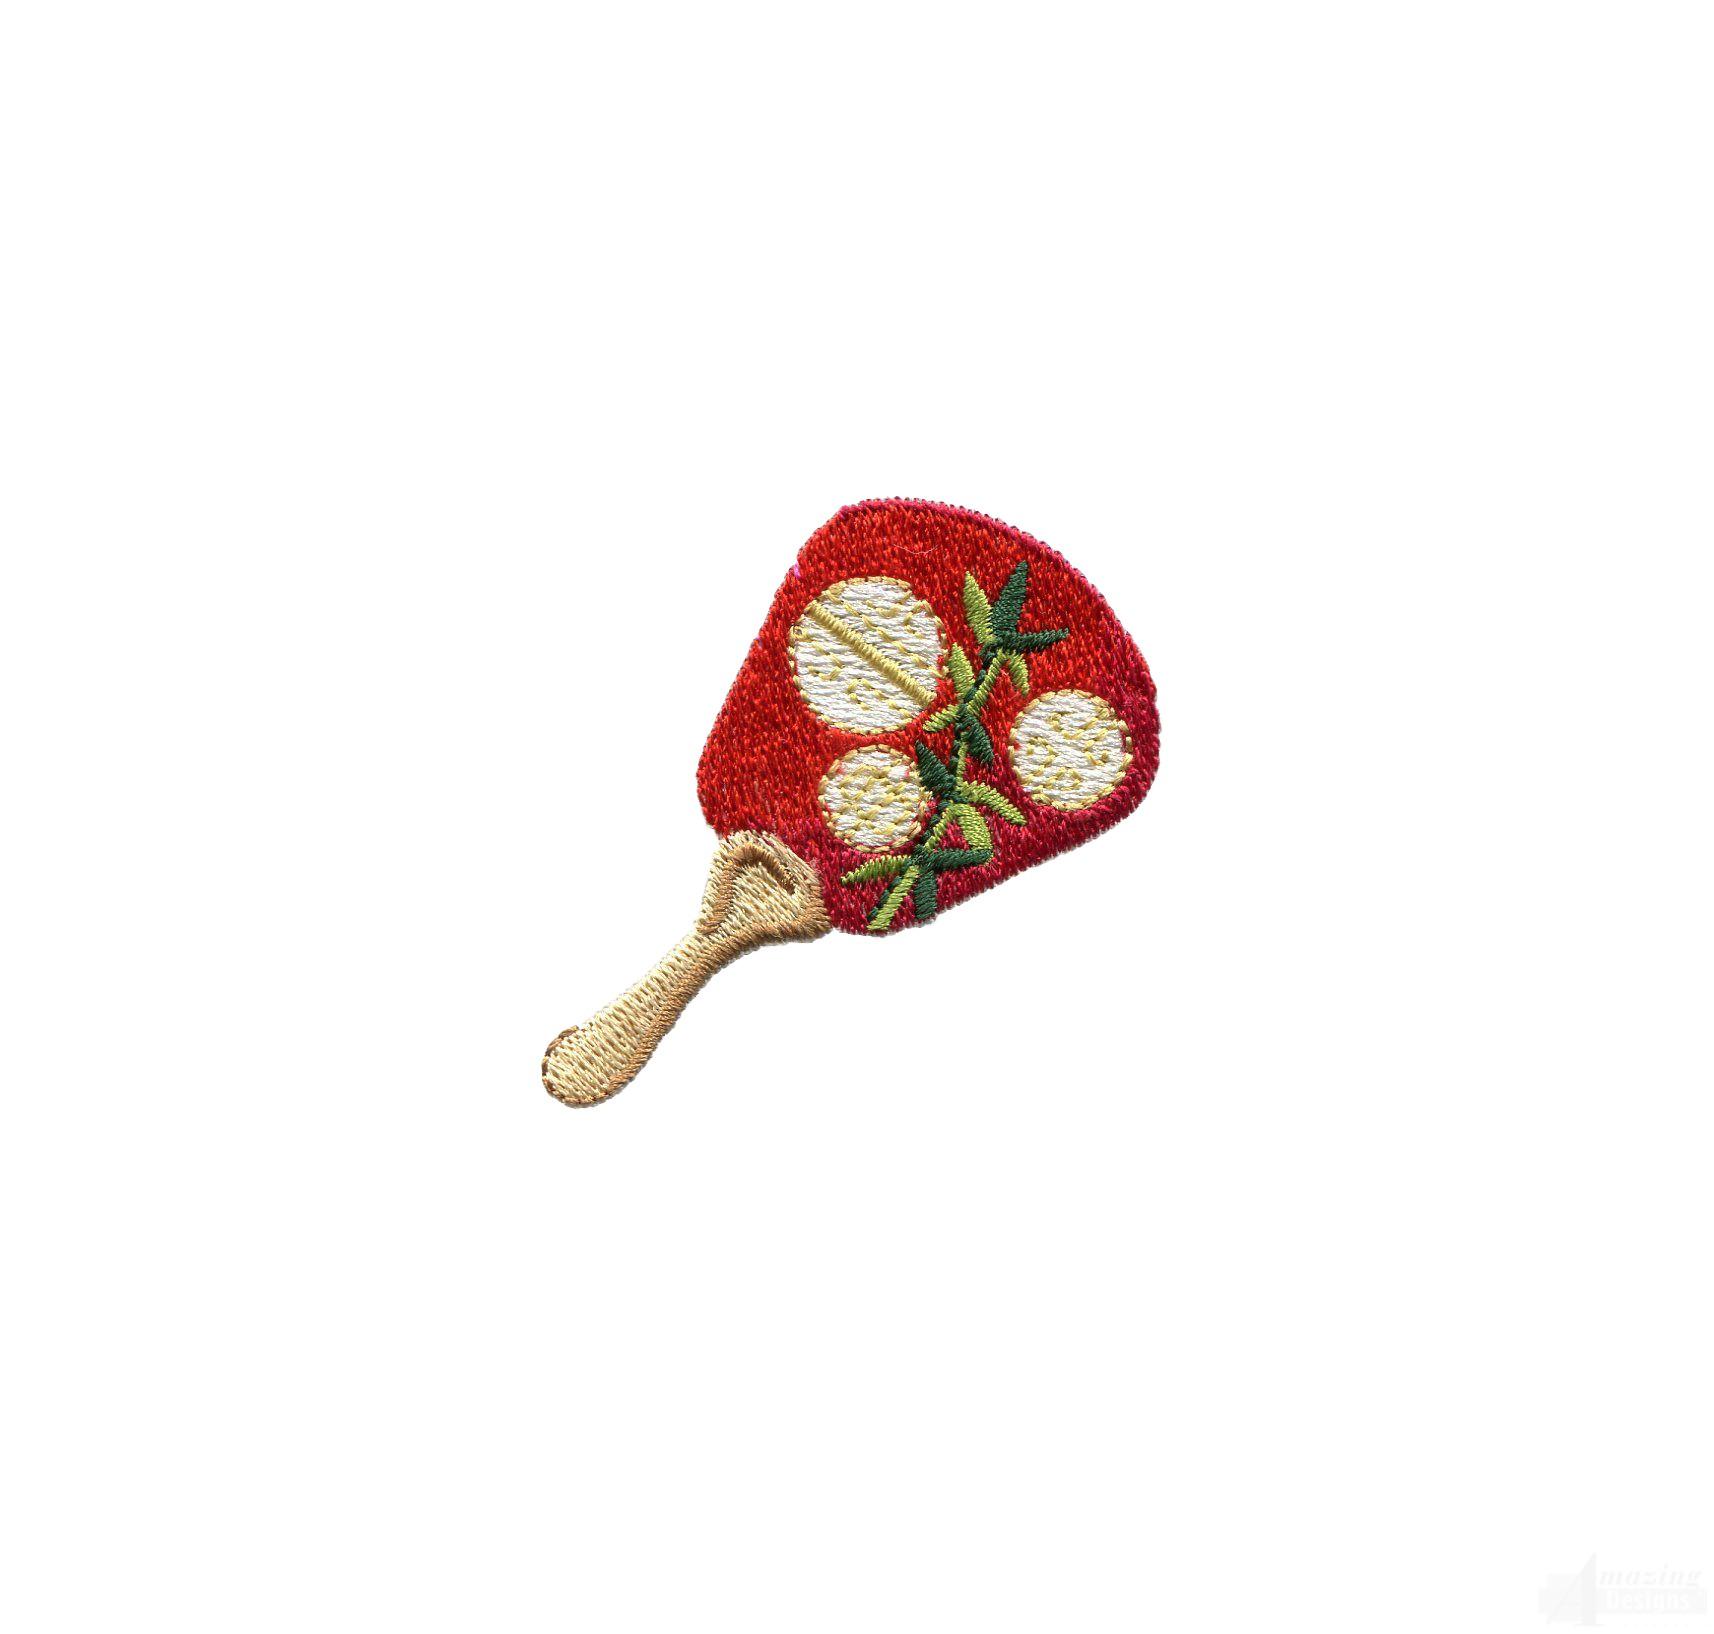 Swngg128 a geishas garden embroidery design for Garden embroidery designs